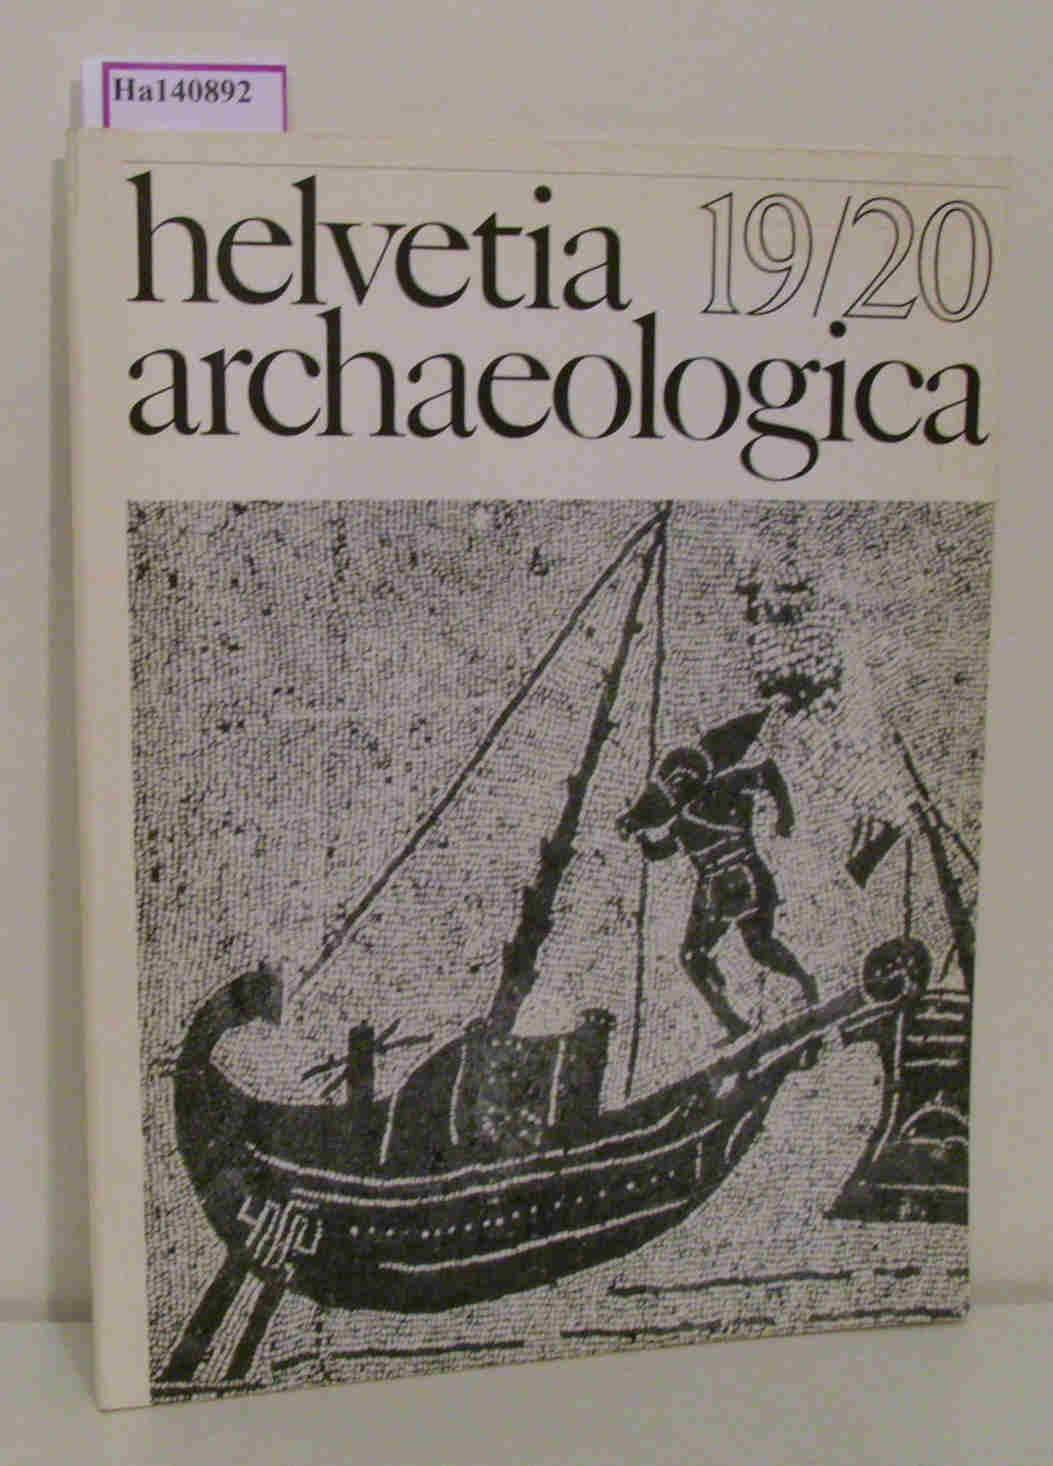 Helvetia Archaeologica. (Heft 19/20). Archäologie in der: Degen, Rudolf (Hg.):